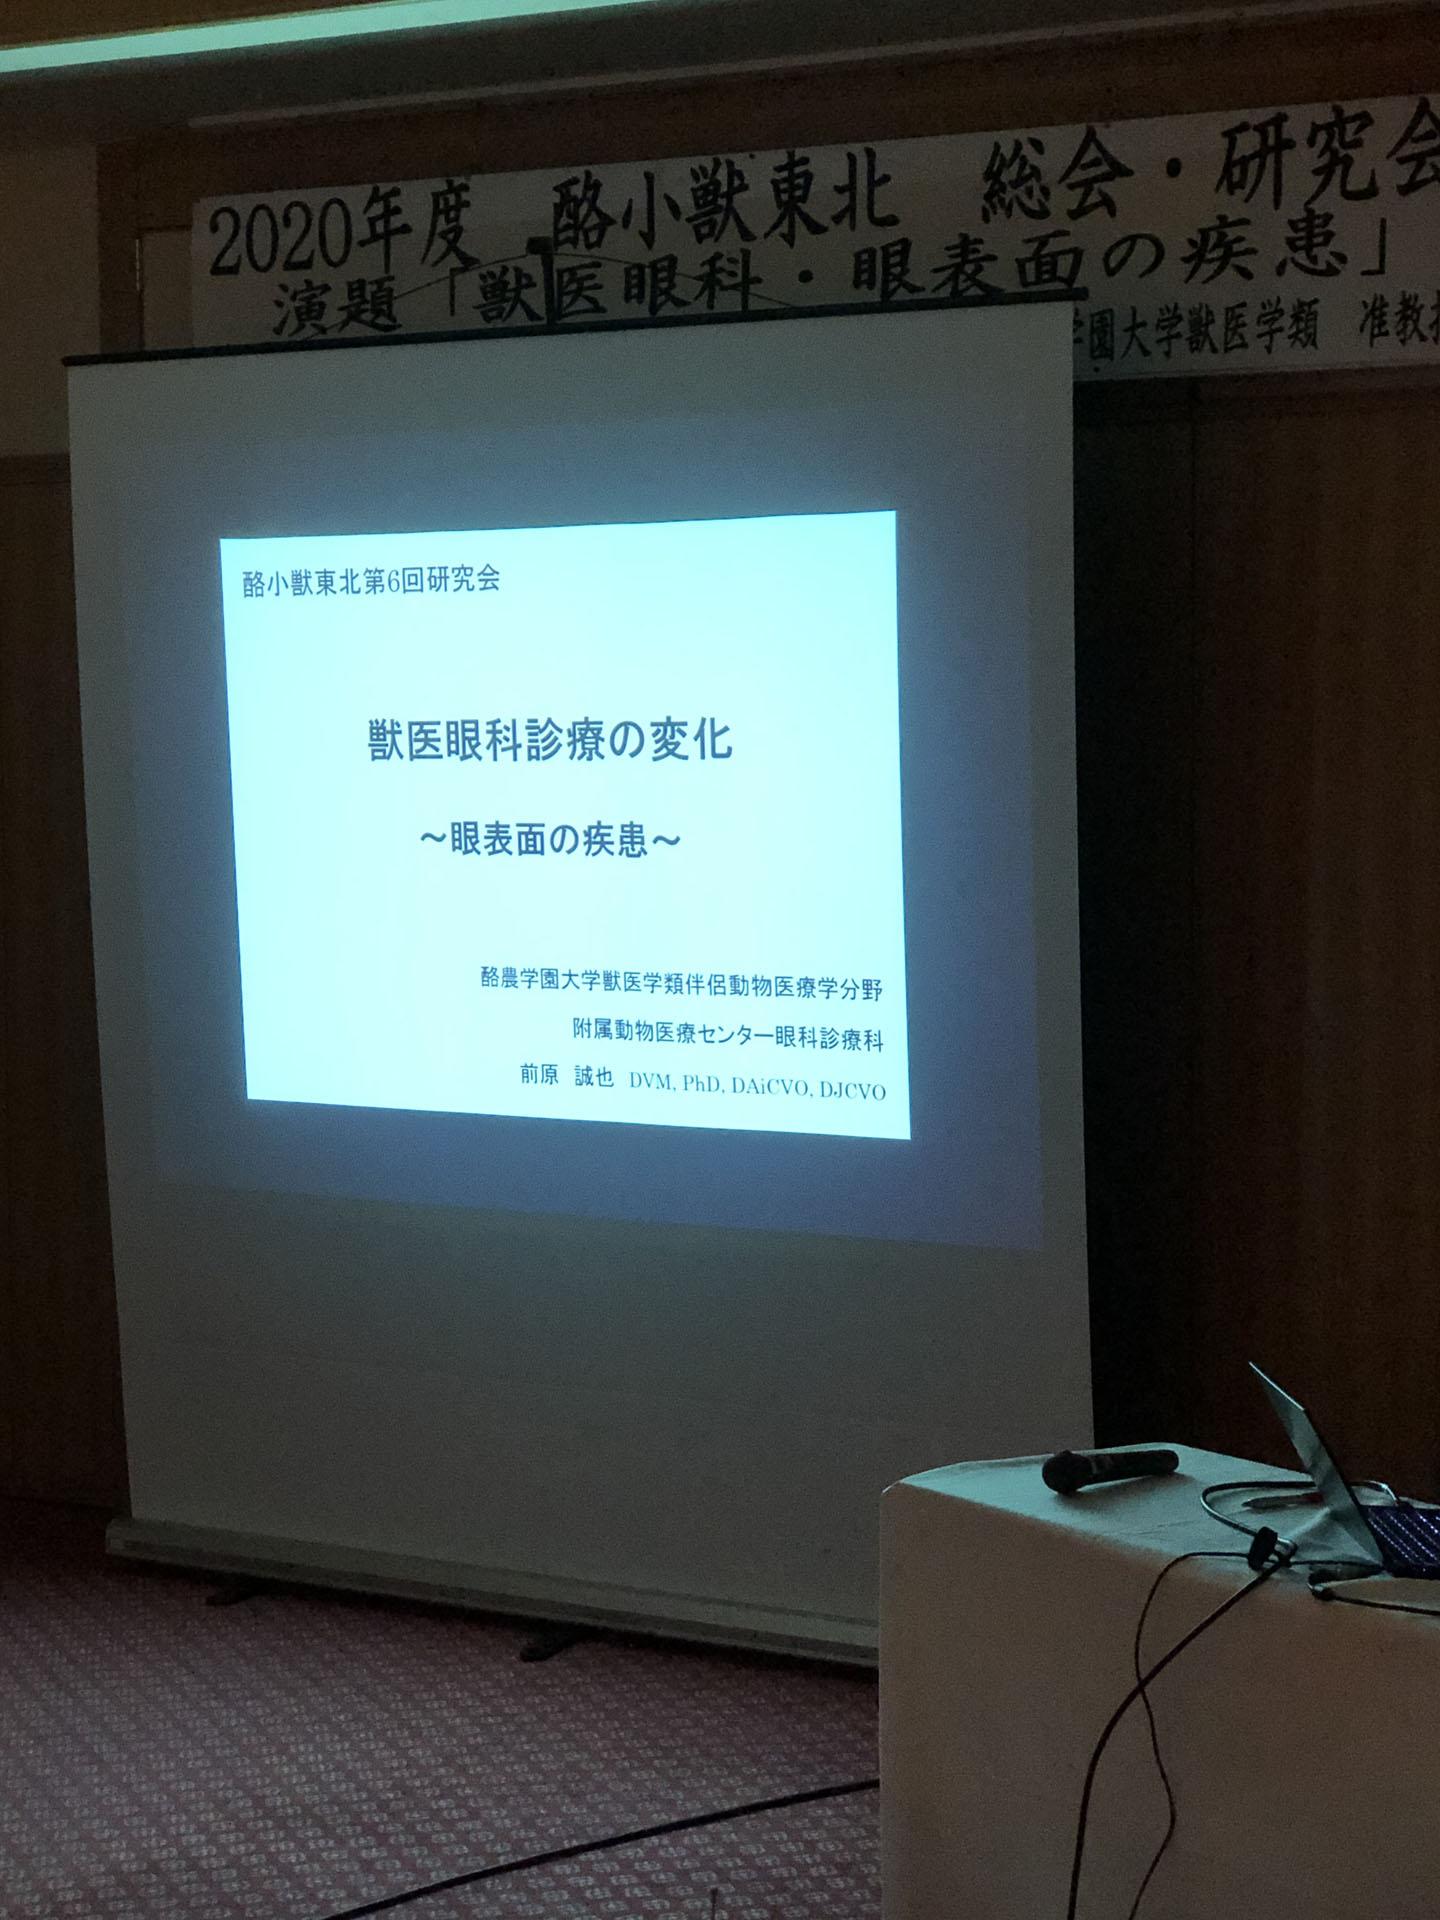 2020年度酪小獣東北総会並びに研究会開催報告